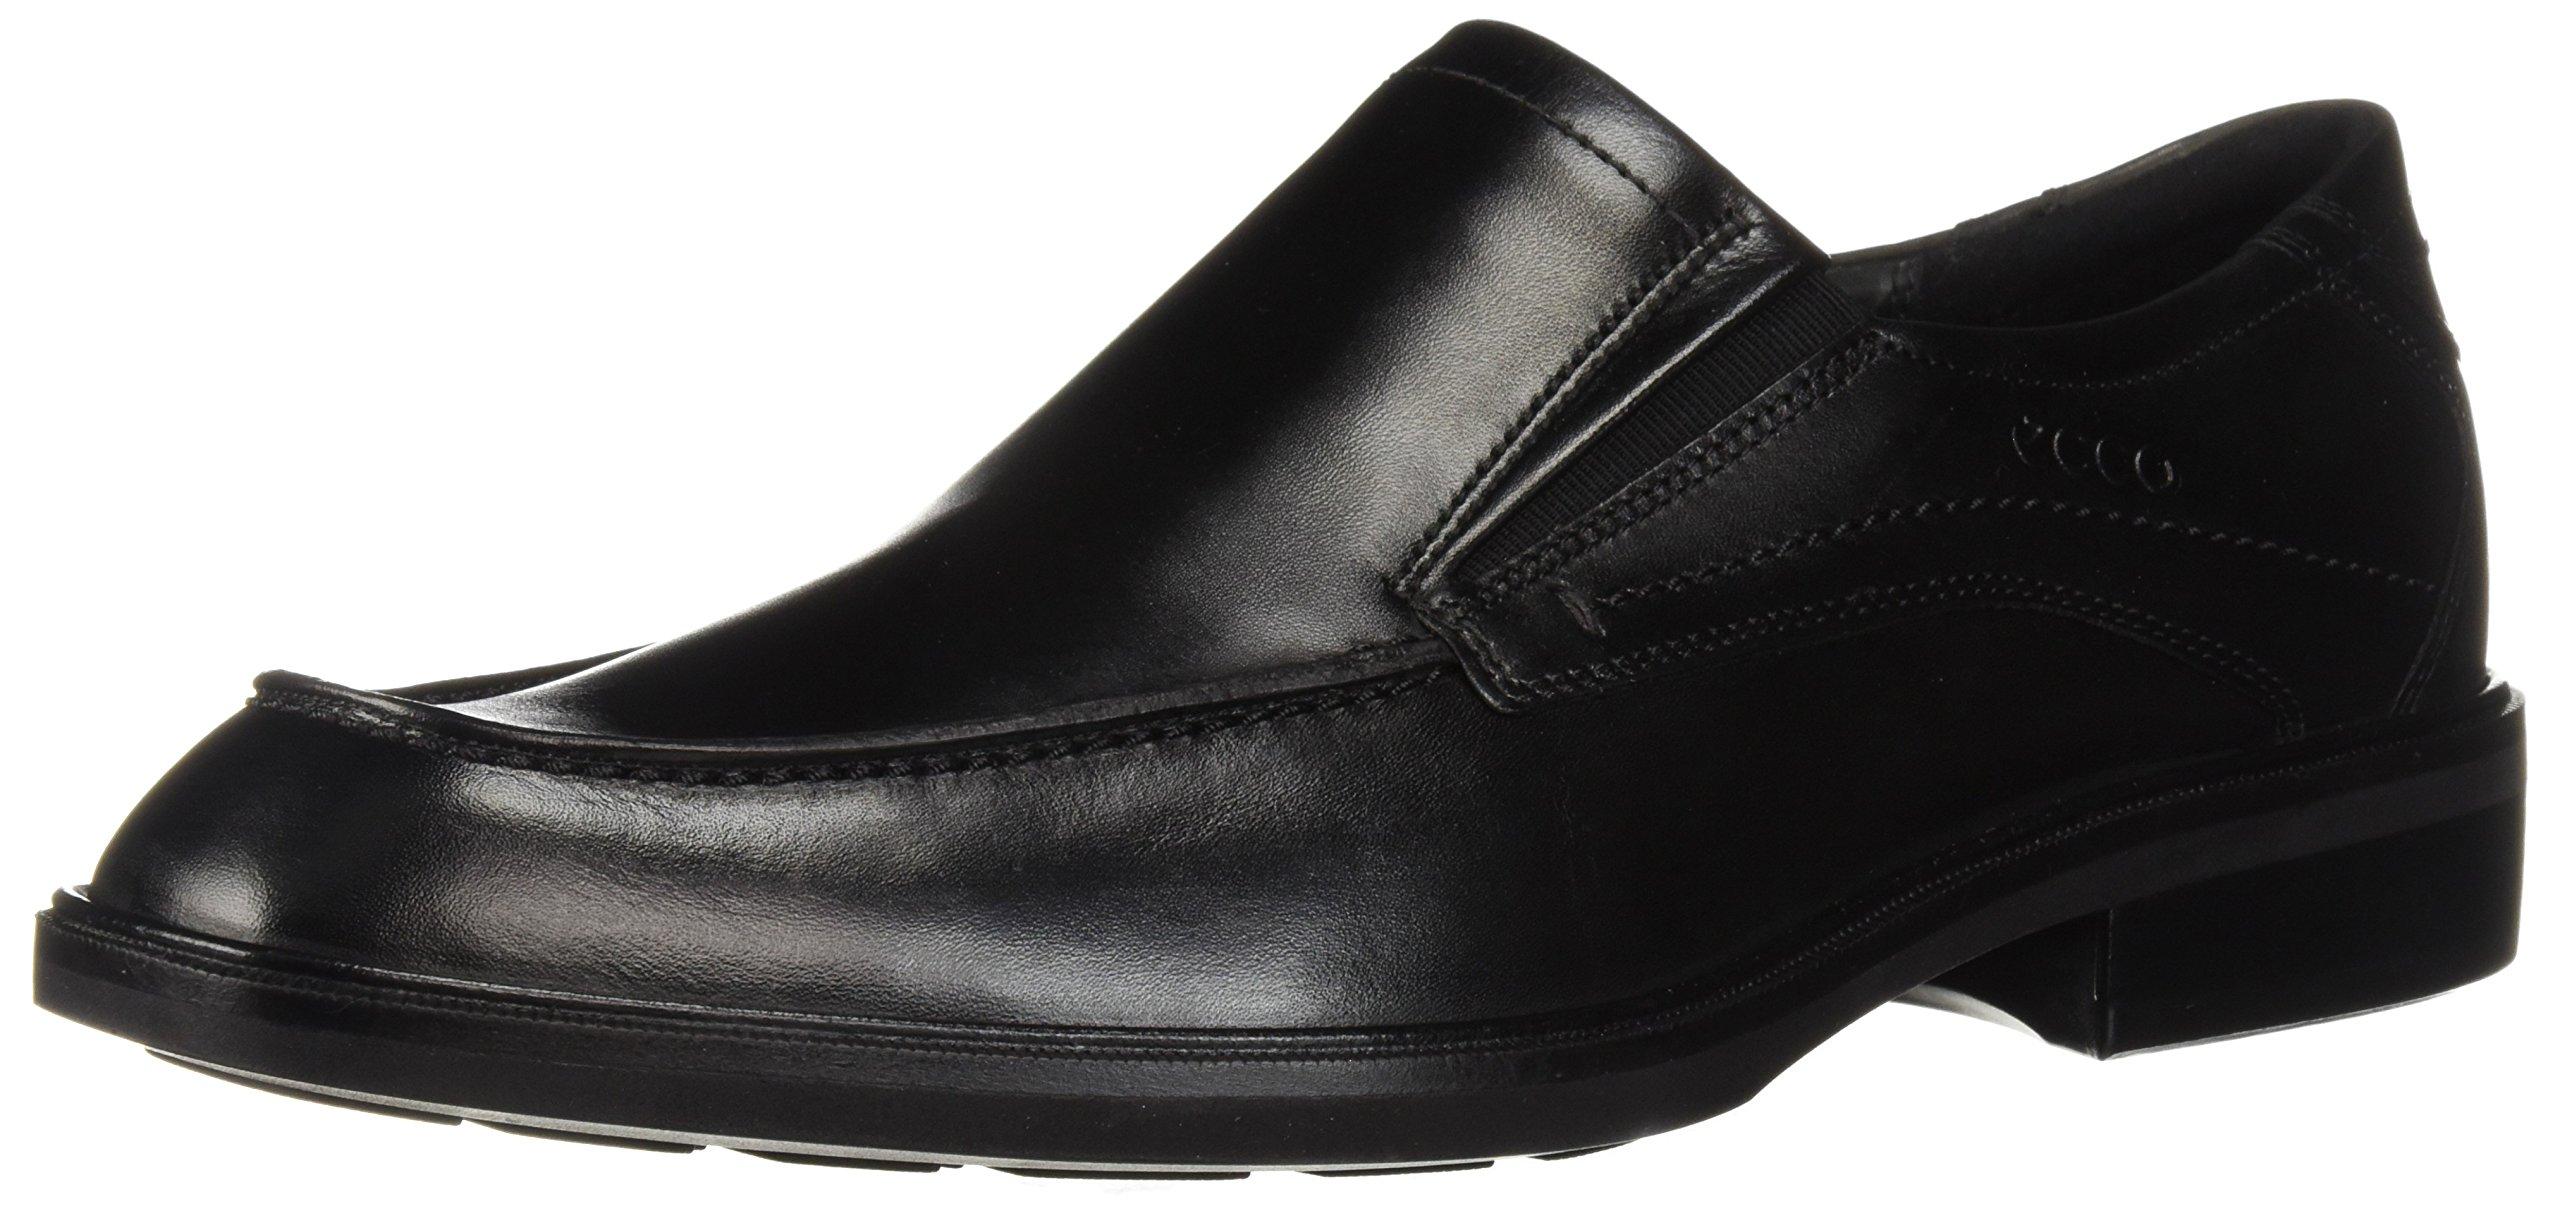 ECCO Men's Windsor Slip-On Loafer, Black/Black, 44 M EU (10-10.5 US)